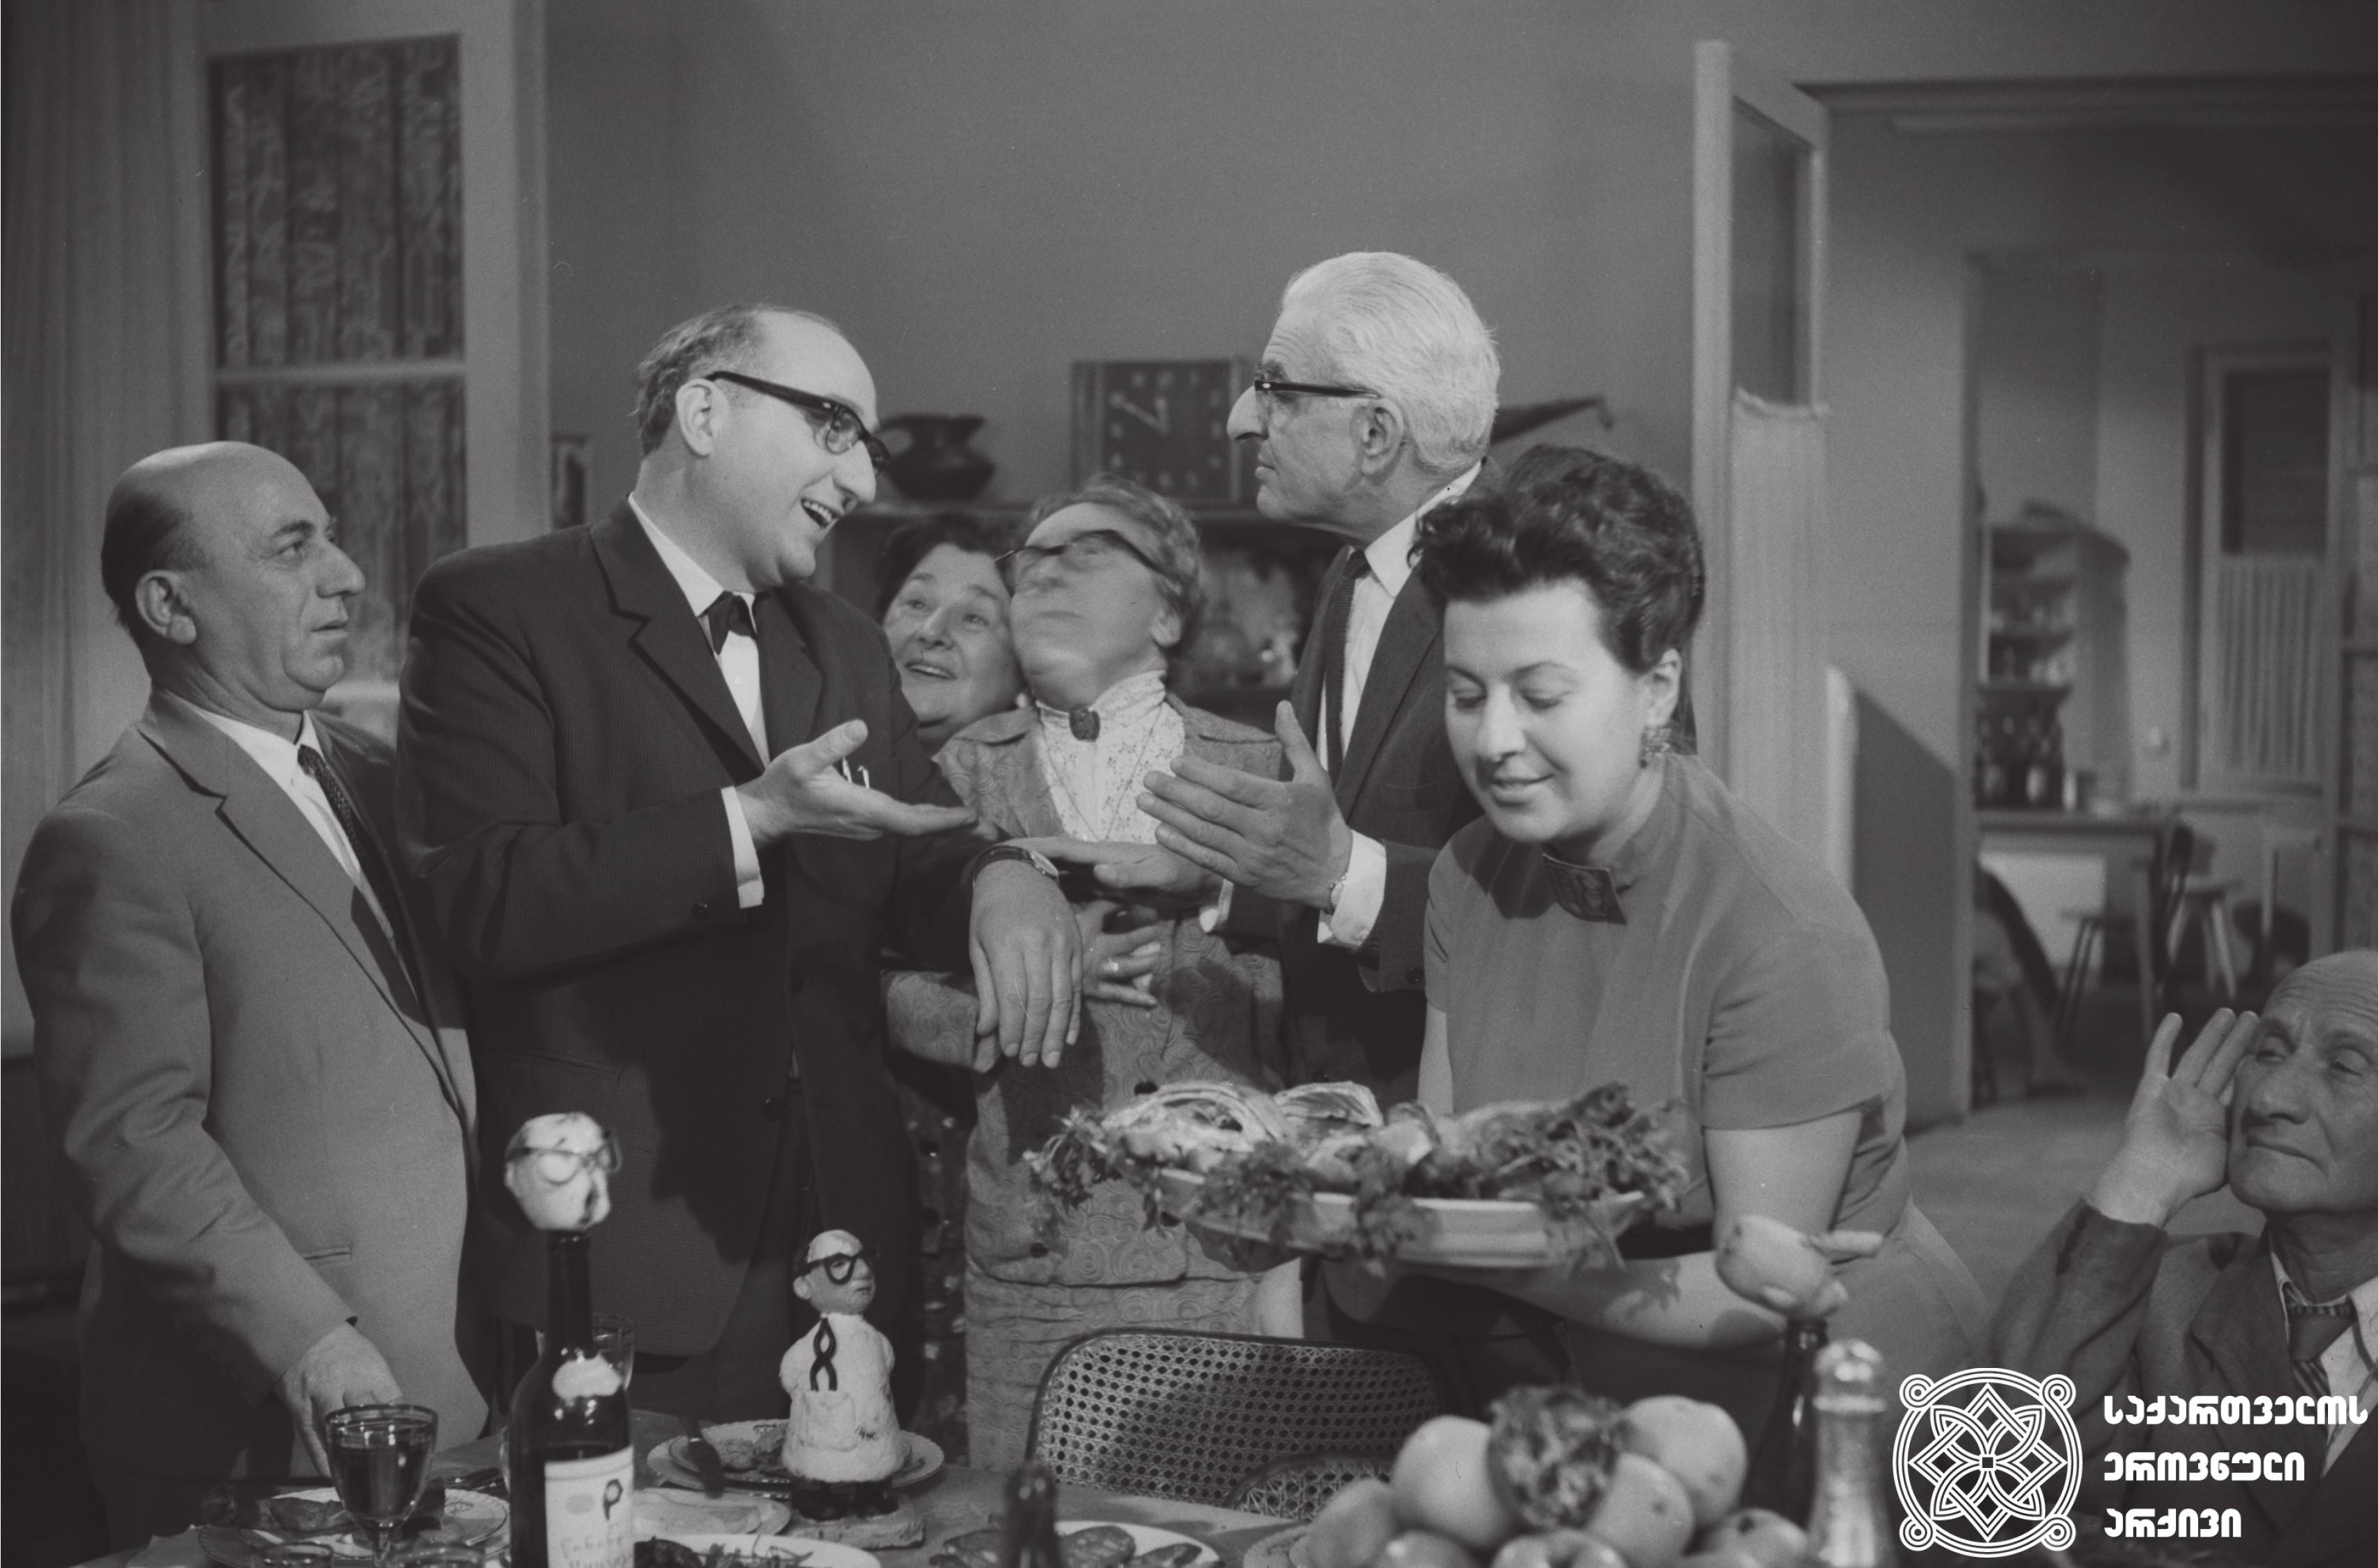 """მხატვრული ფილმი """"თოჯინები იცინიან"""", მსახიობები: იპოლიტე ხვიჩია, ეროსი მანჯგალაძე, სესილია თაყაიშვილი, მარინე თბილელი, ალექსანდრე ჟორჟოლიანი გადასაღებ მოედანზე.  <br>რეჟისორი: ნიკოლოზ სანიშვილი.  <br> 1962 <br> Feature film """"Toys are Laughing"""", actors: Ipolite Khvichia, Erosi Manjgaladze, Sesilia Takaishvili, Marine Tbileli, Aleksandre Zhorzholiani on the filming location.  <br>Director: Nikoloz Sanishvili.  <br> 1962"""